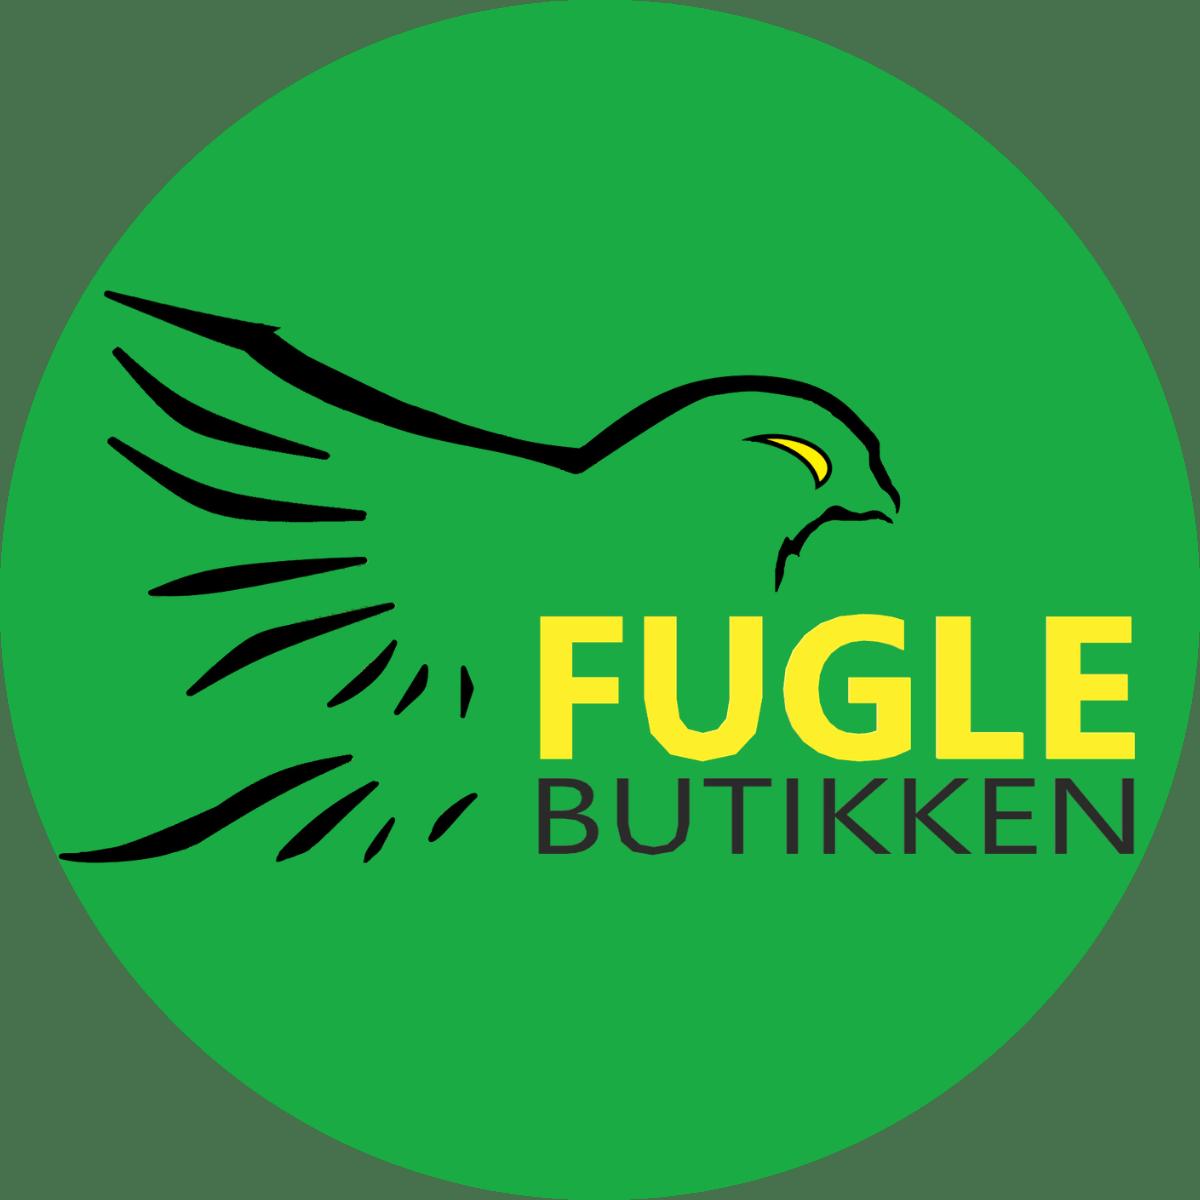 Fuglebutikken logo